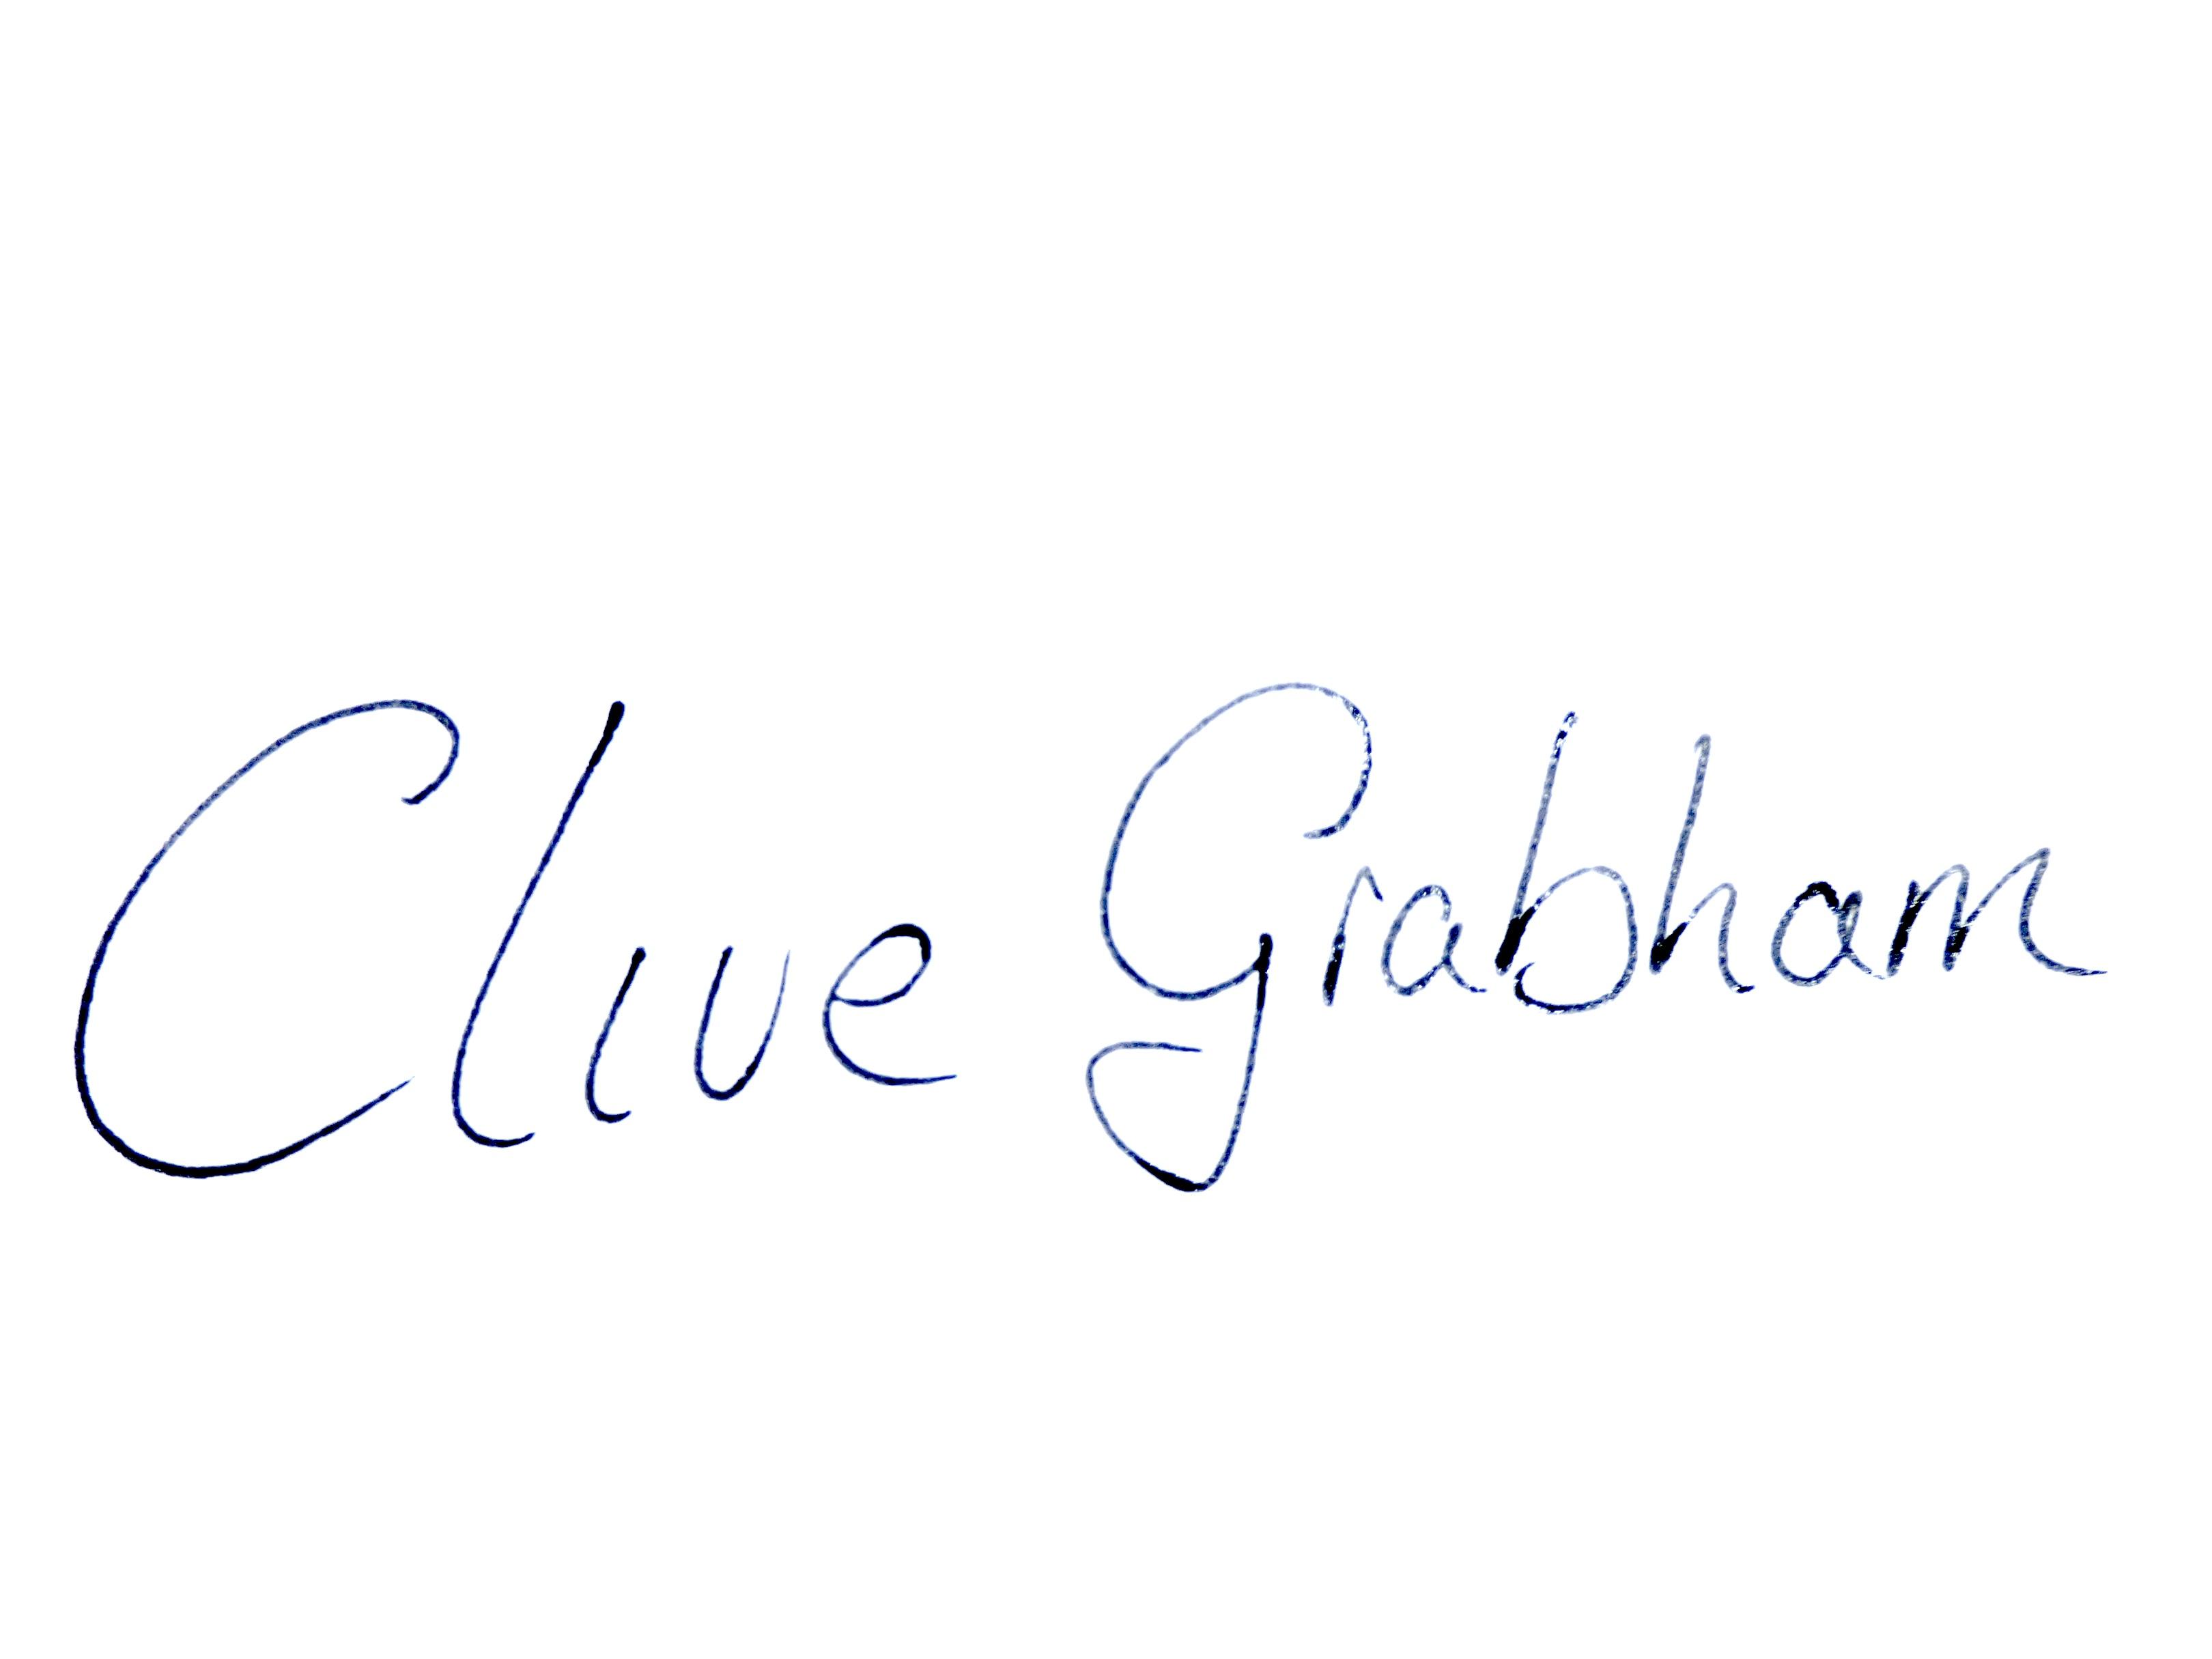 clive grabham's Signature